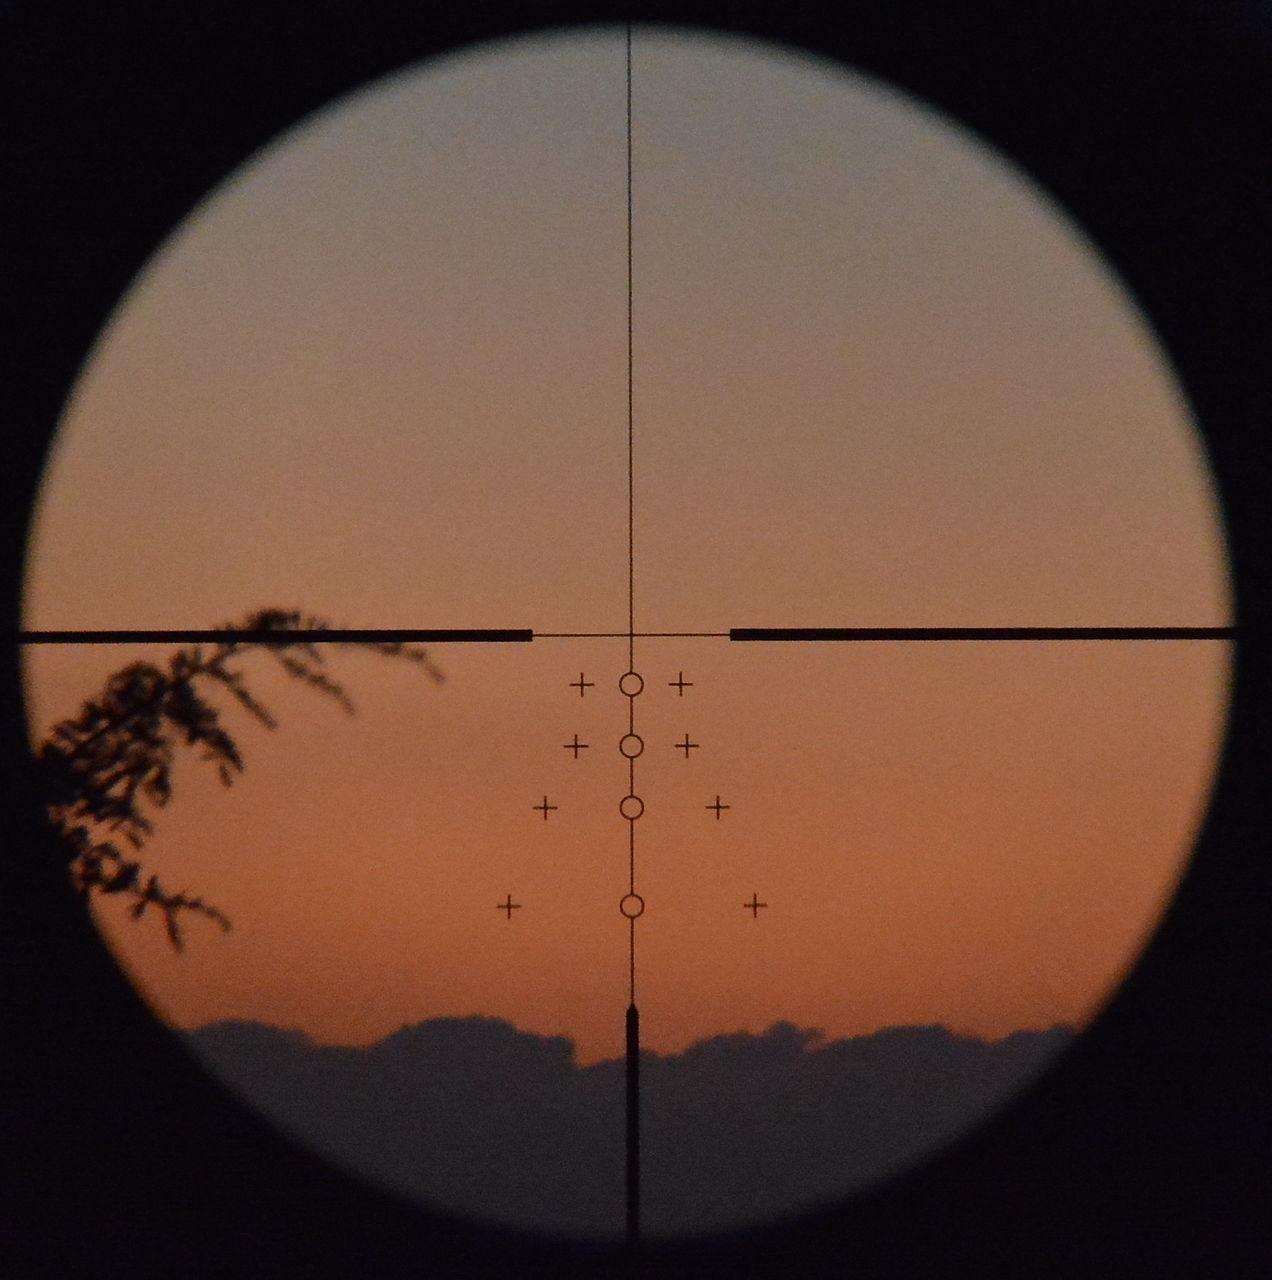 Картинка снайперский прицел и голова